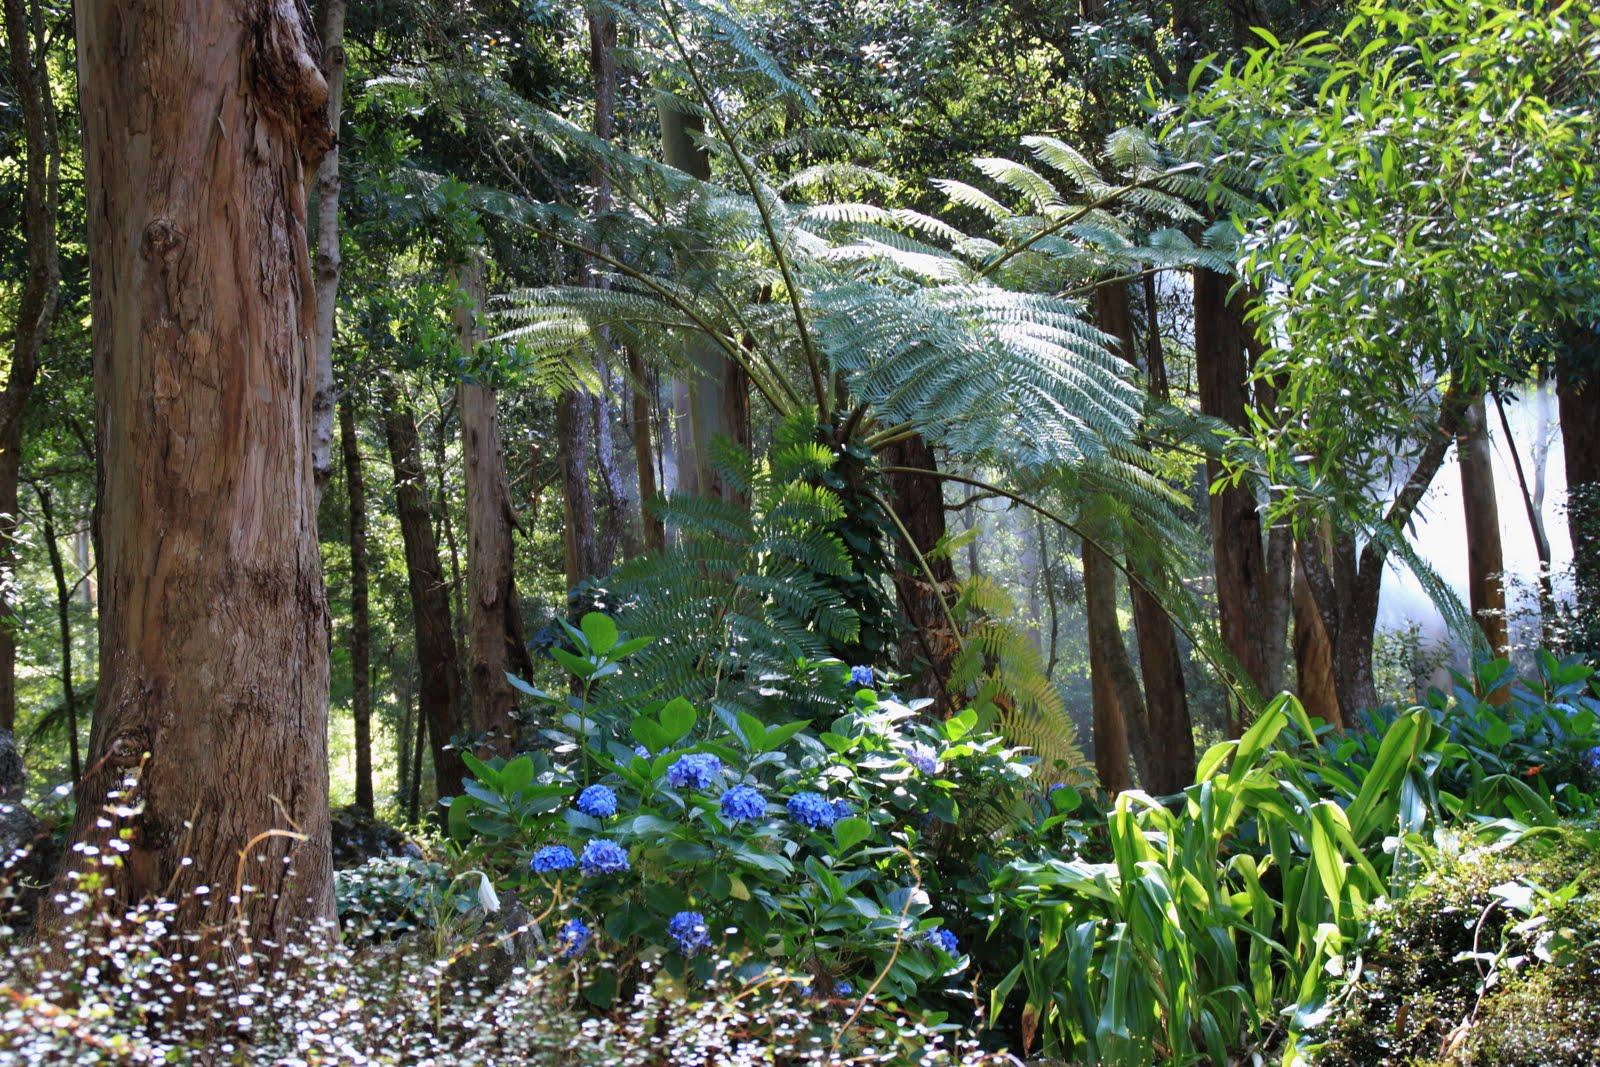 Reserva Florestal de Recreio da Mata da Serreta